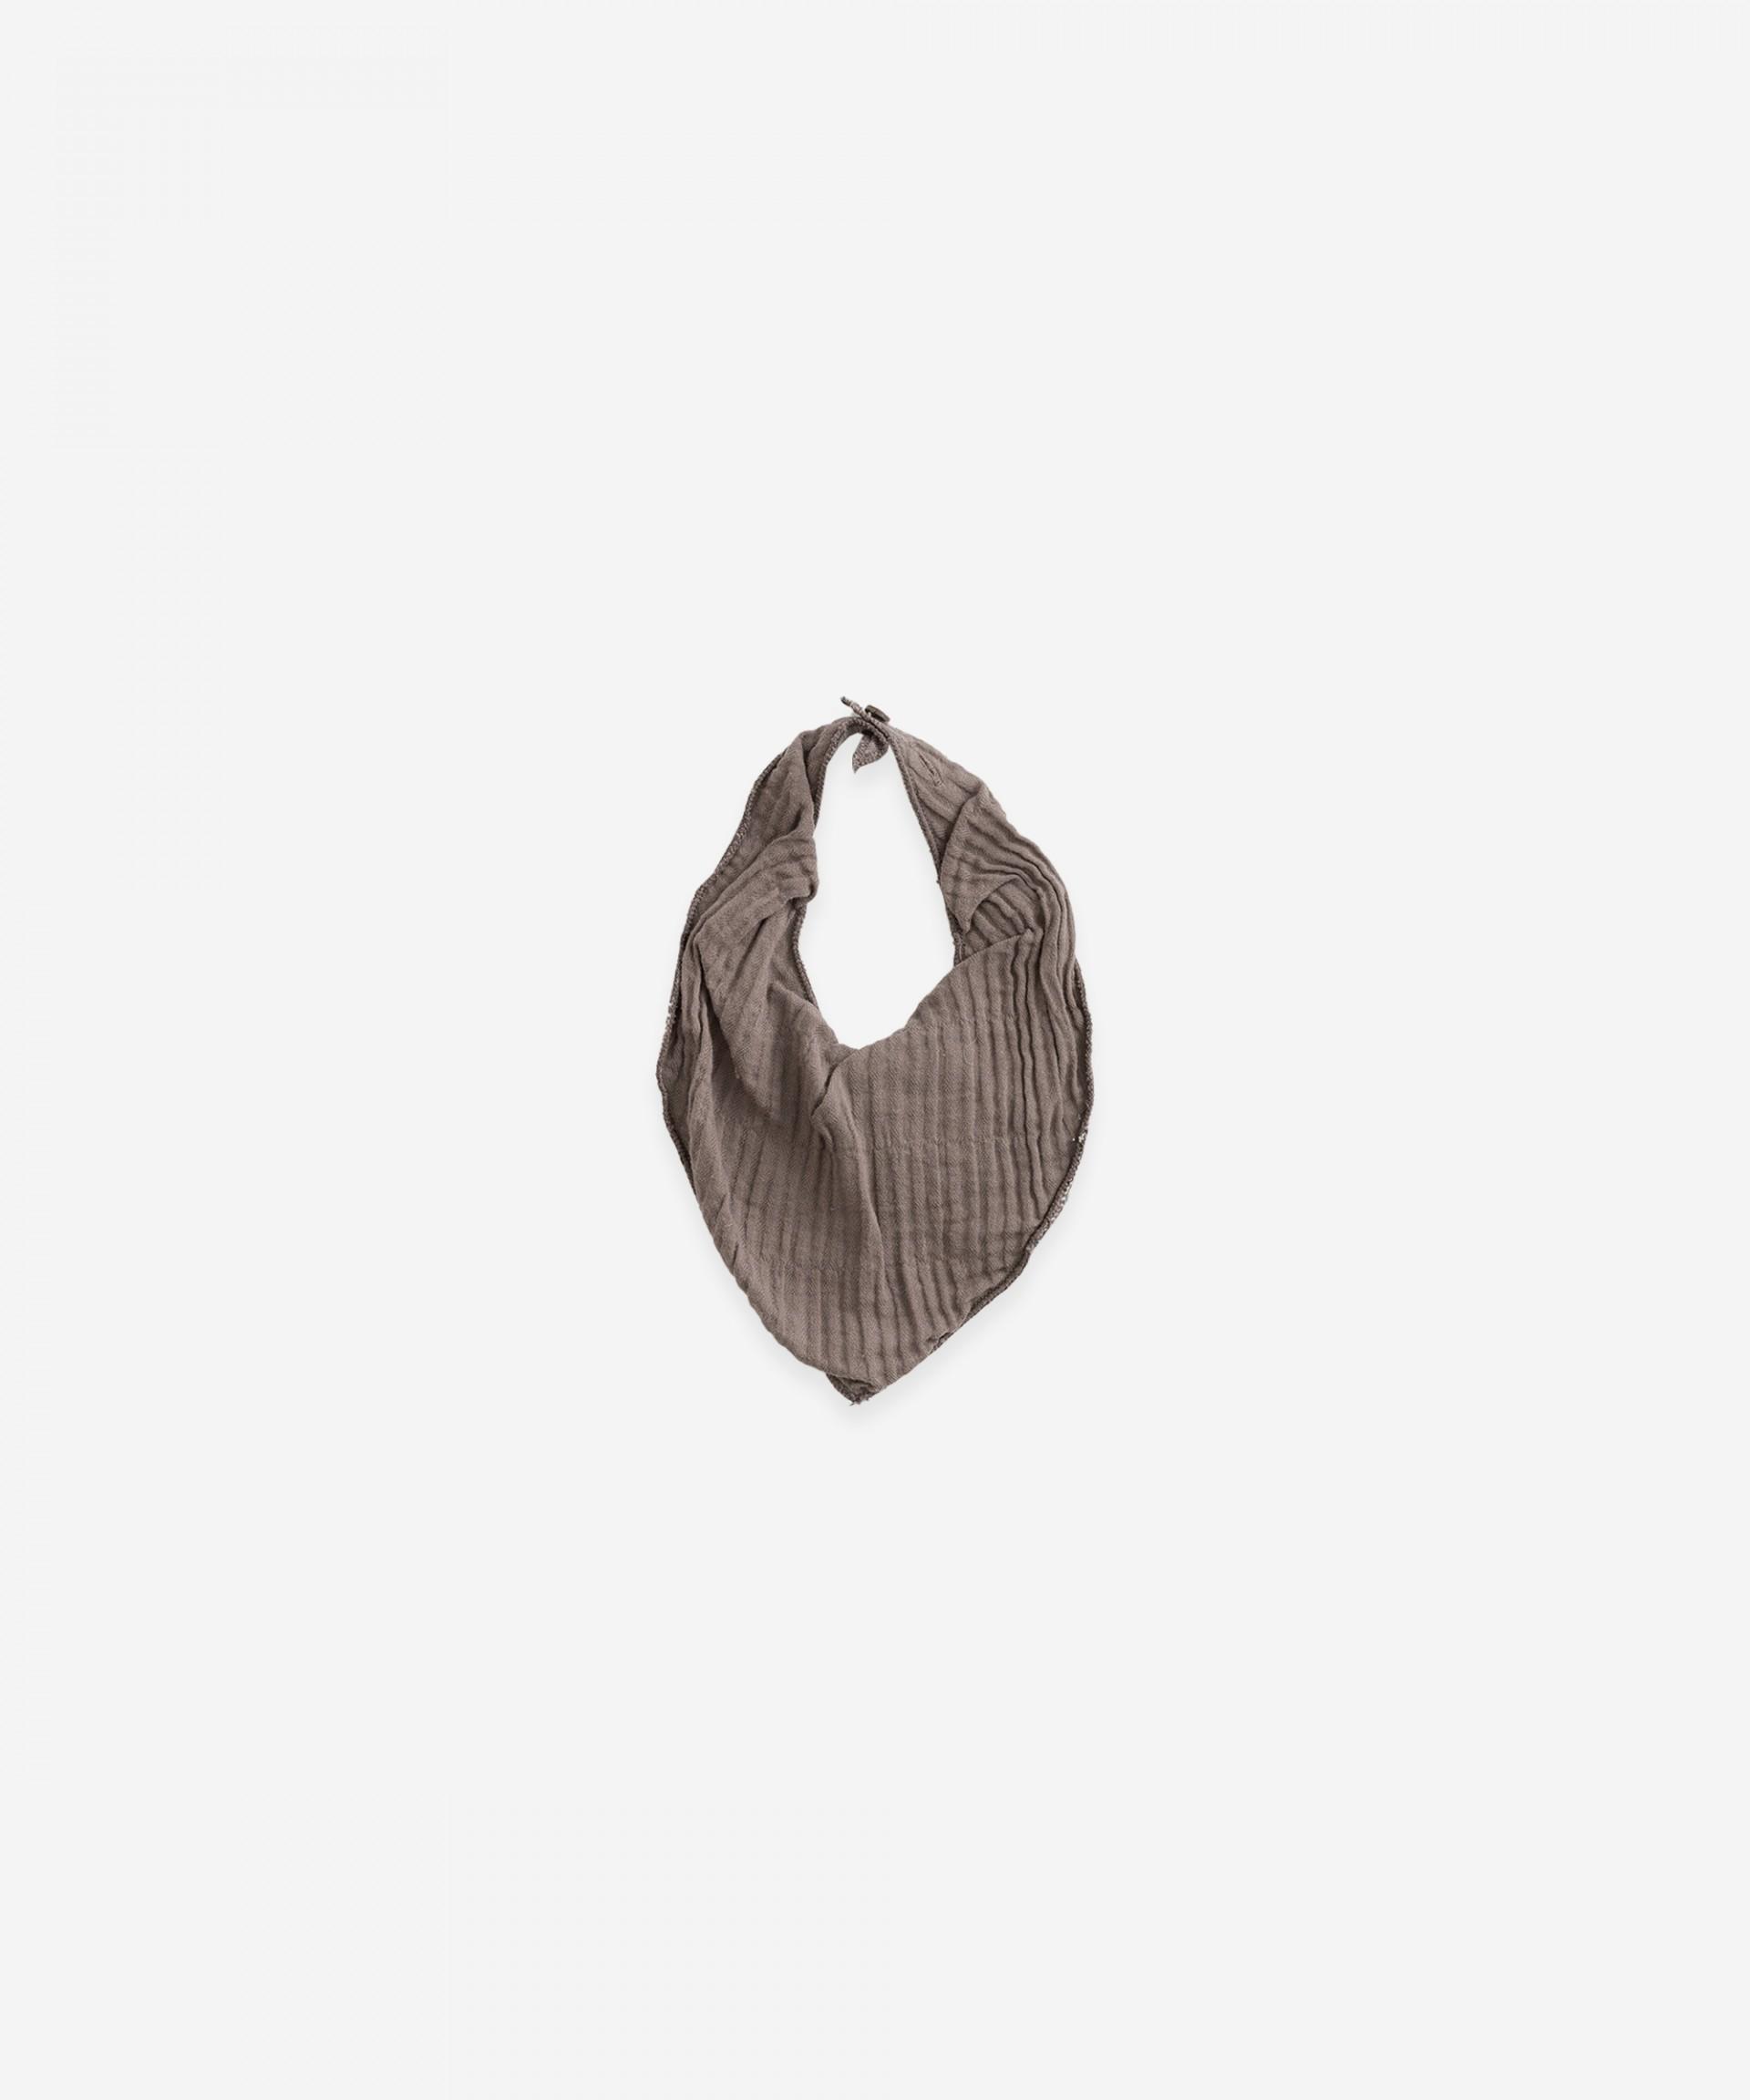 Babete de tecido com forro | Botany